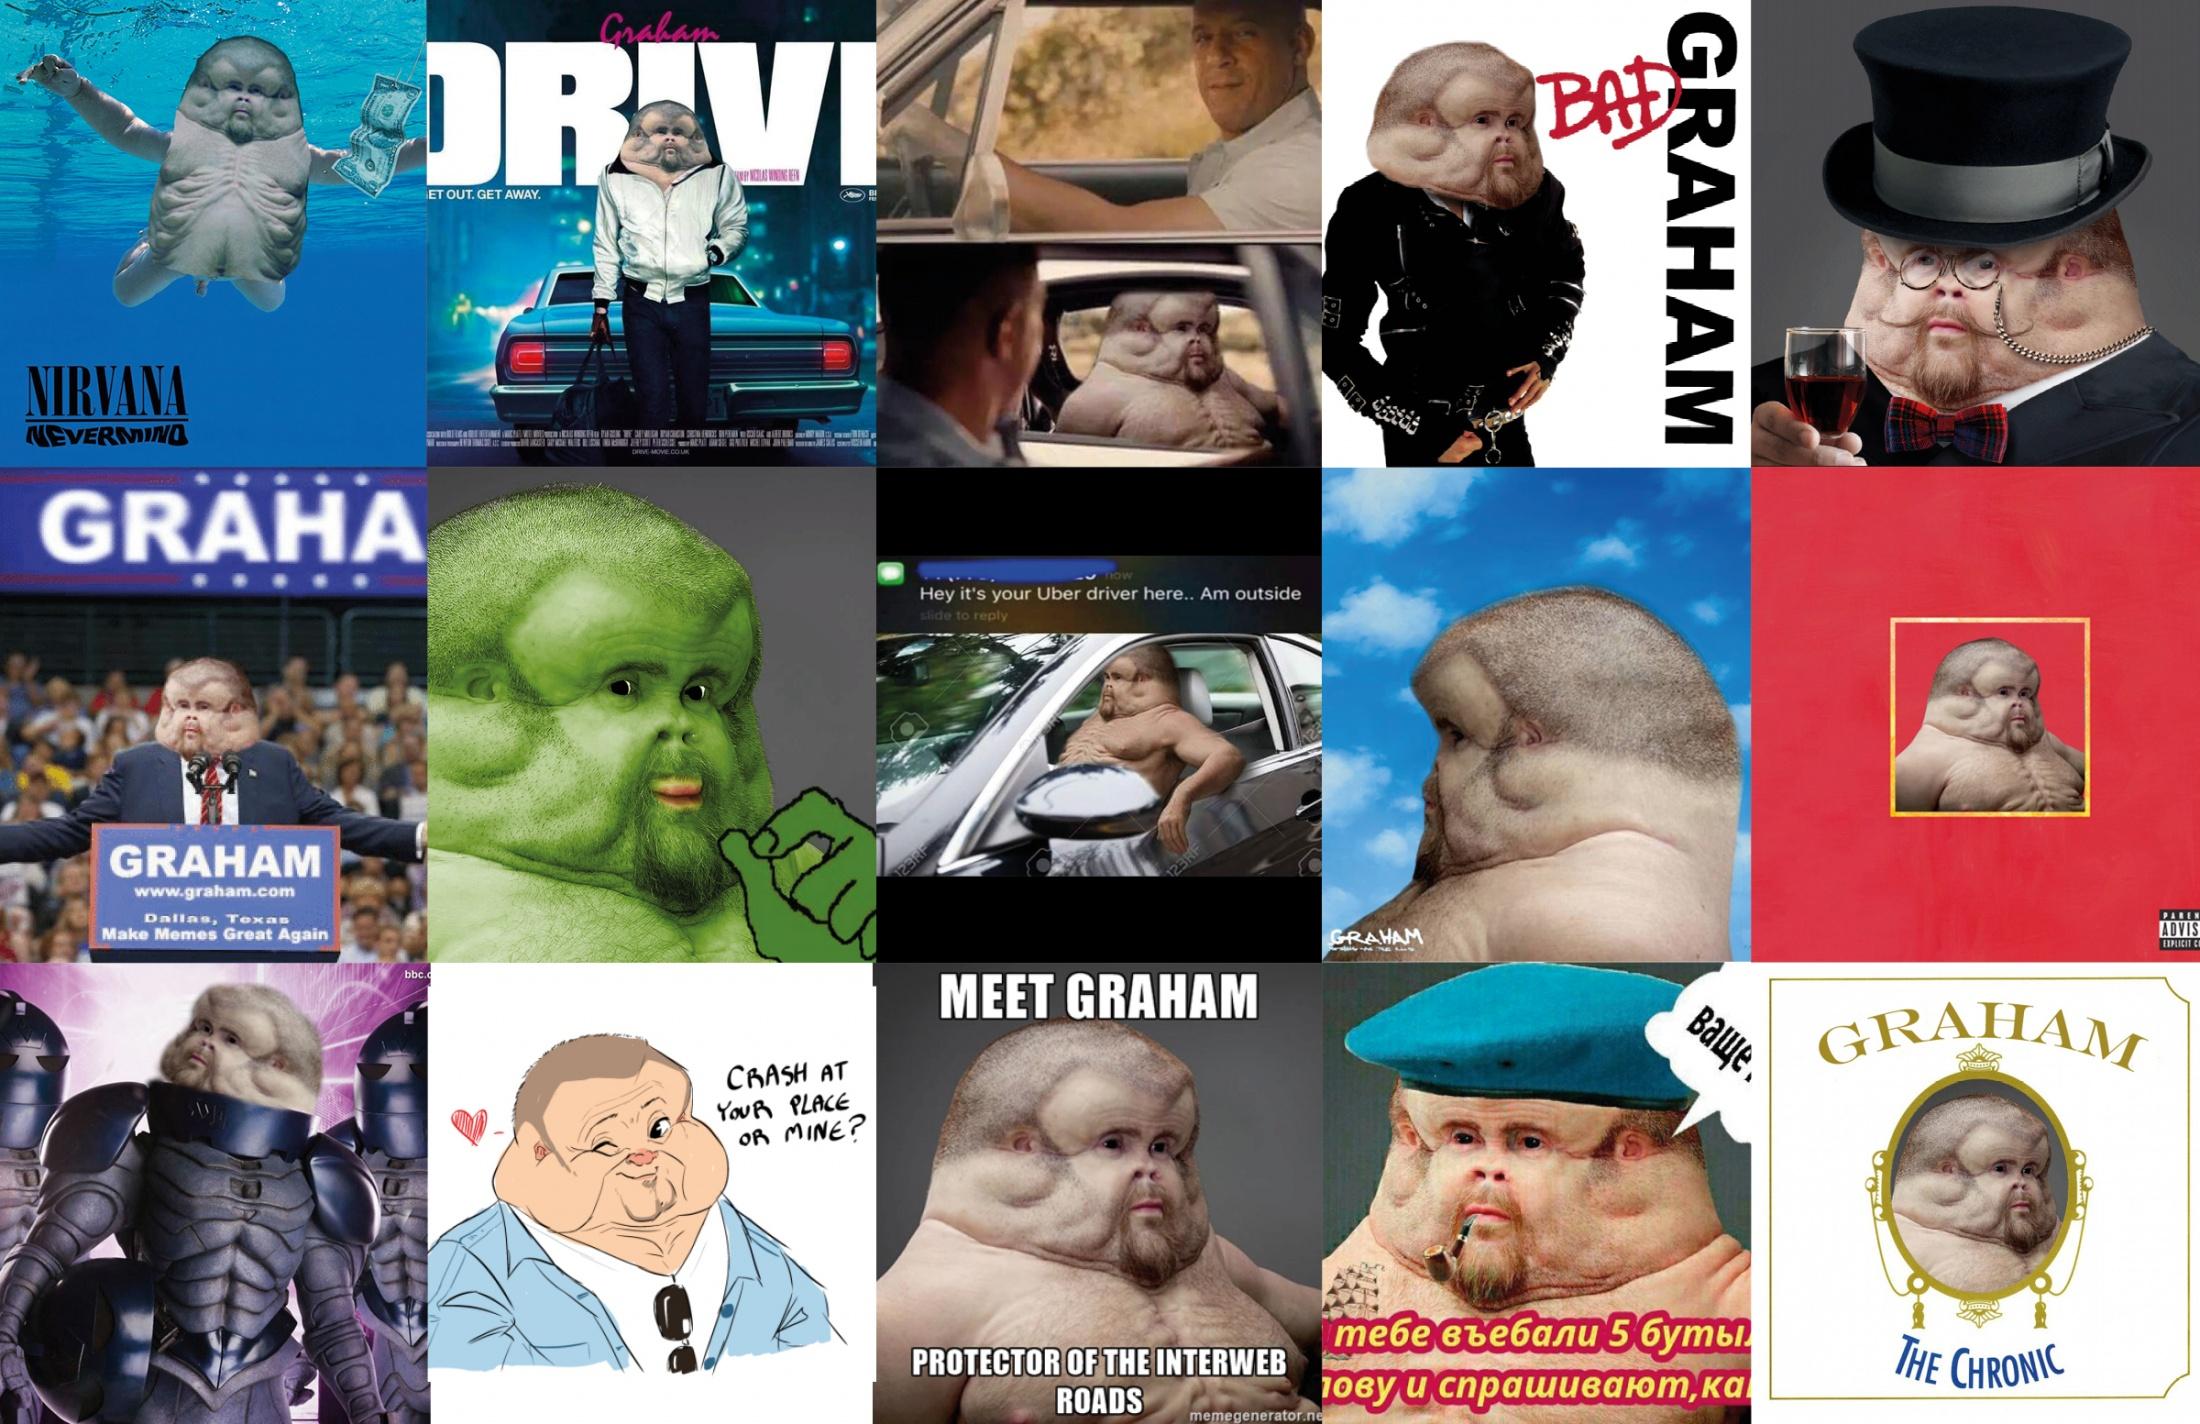 Thumbnail for Meet Graham